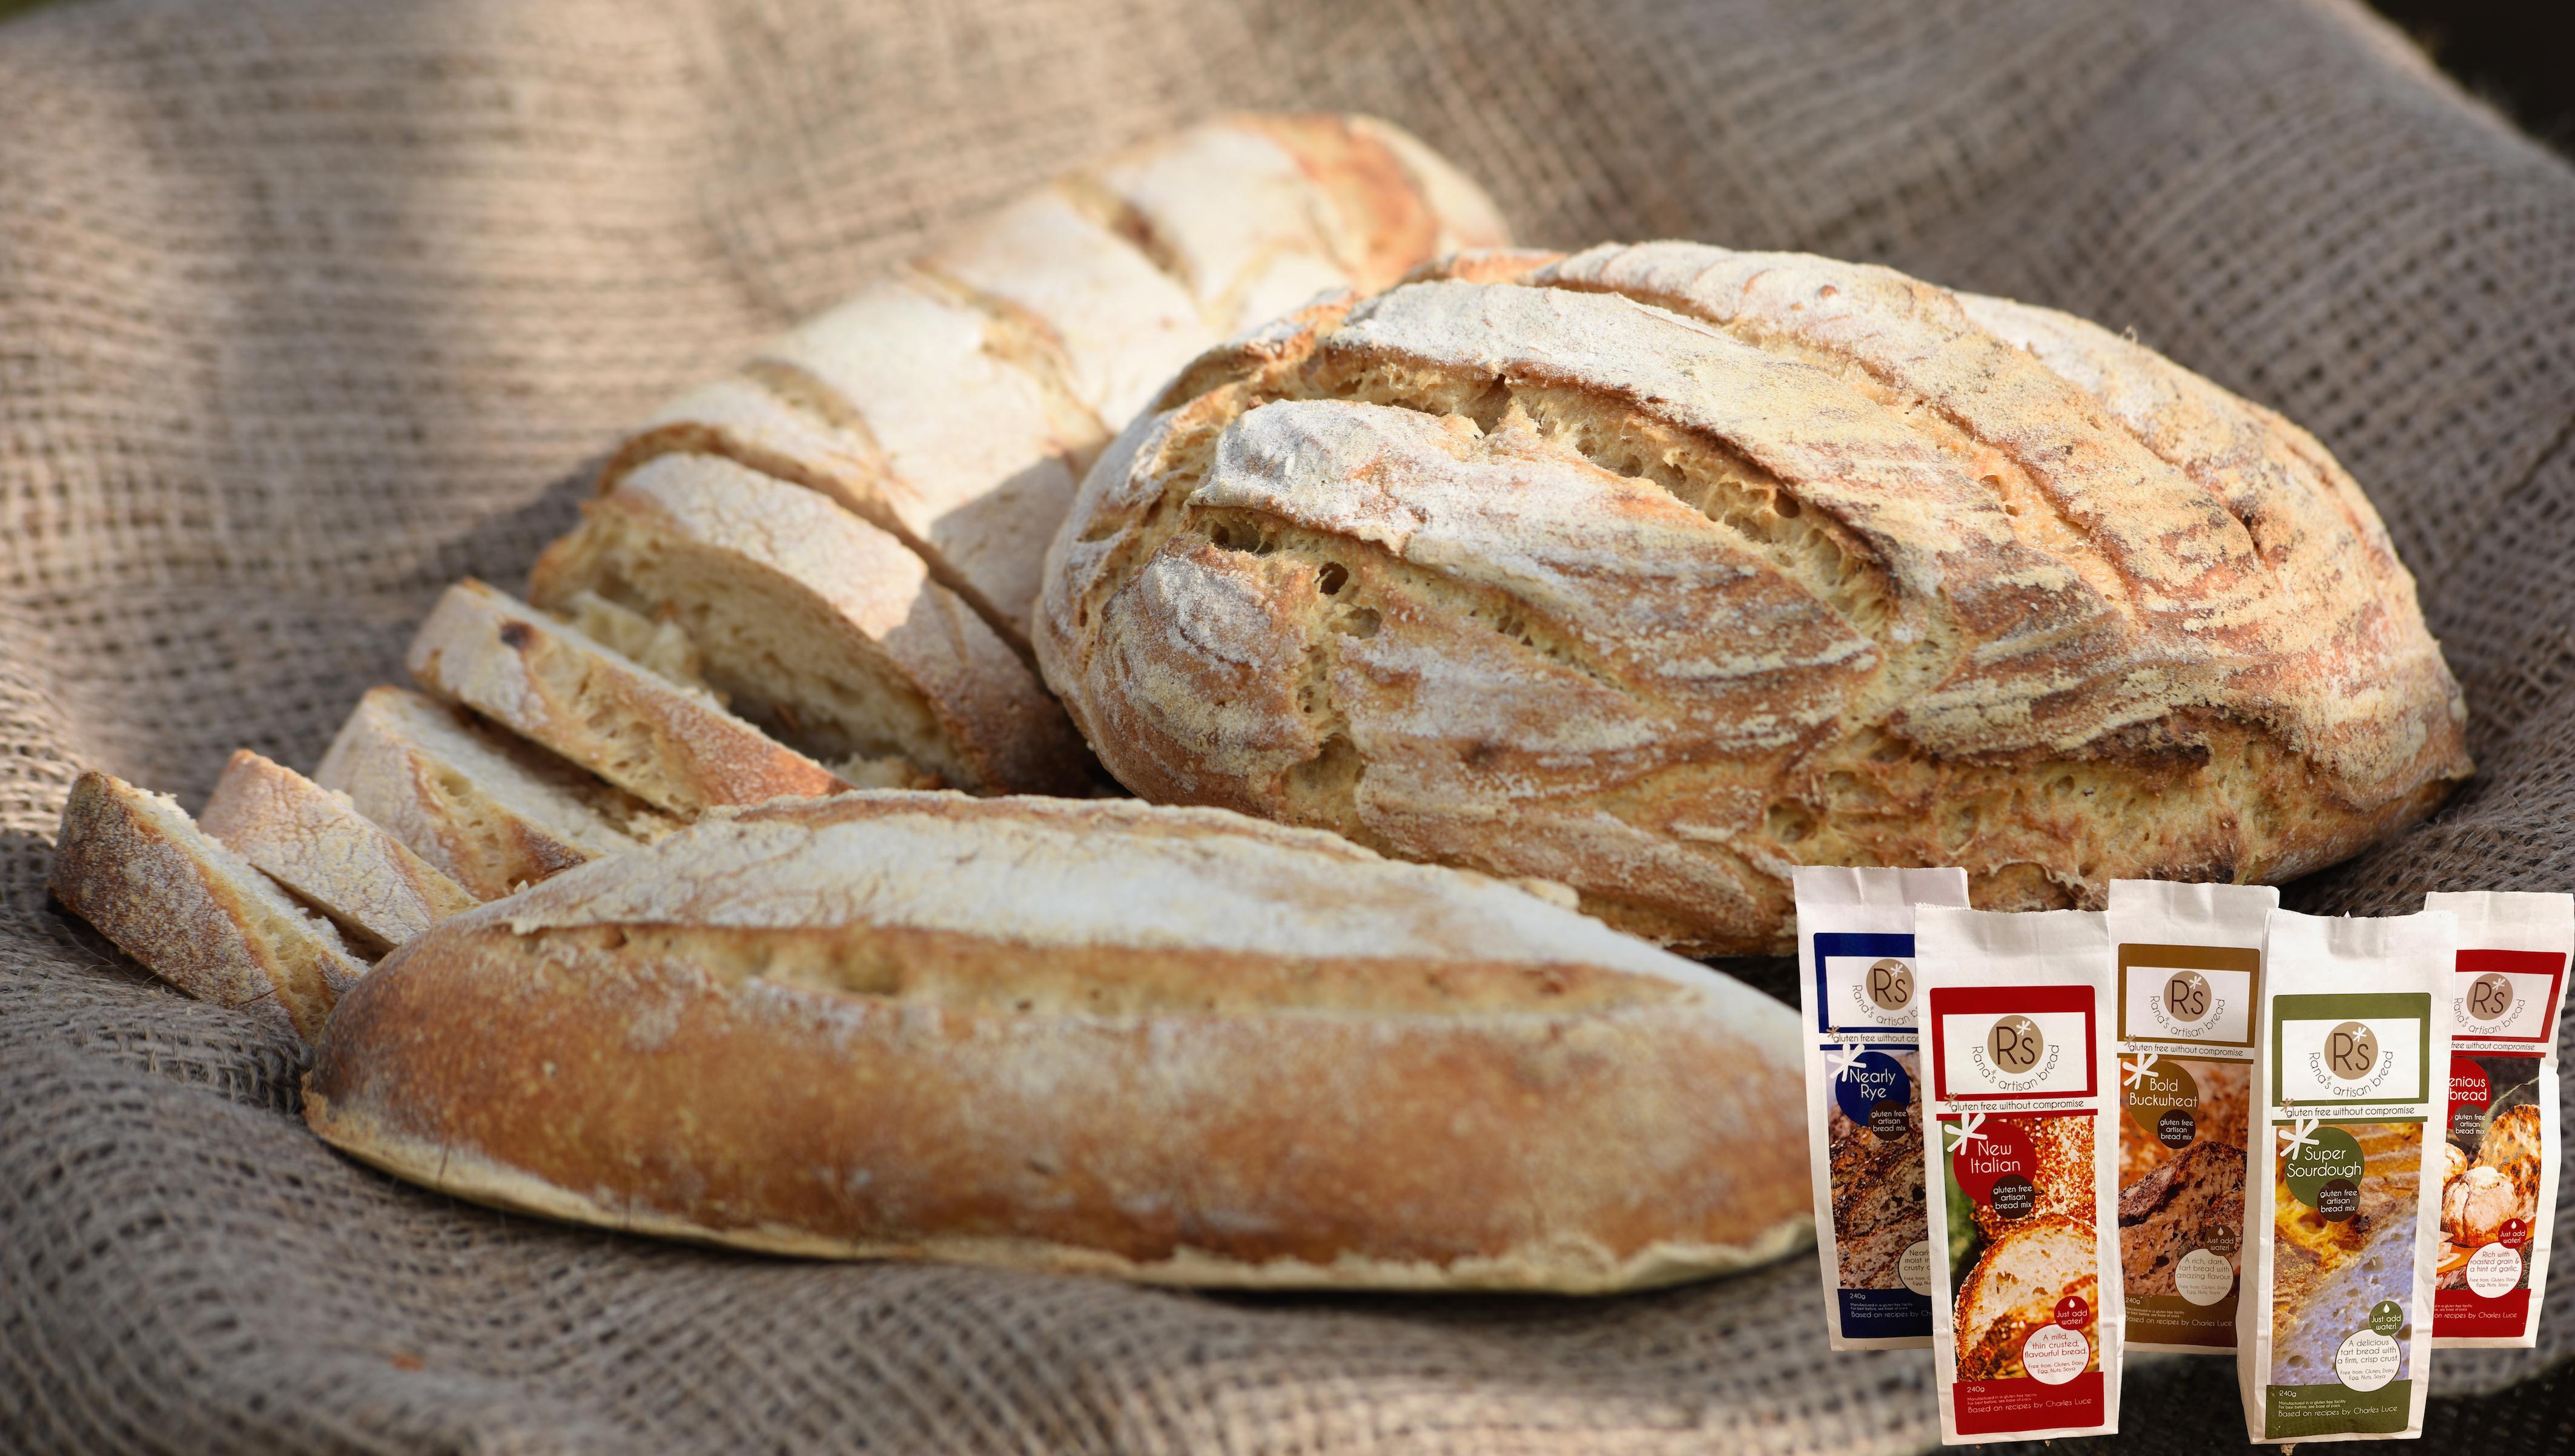 VIVA_Rana's Artisan Bread